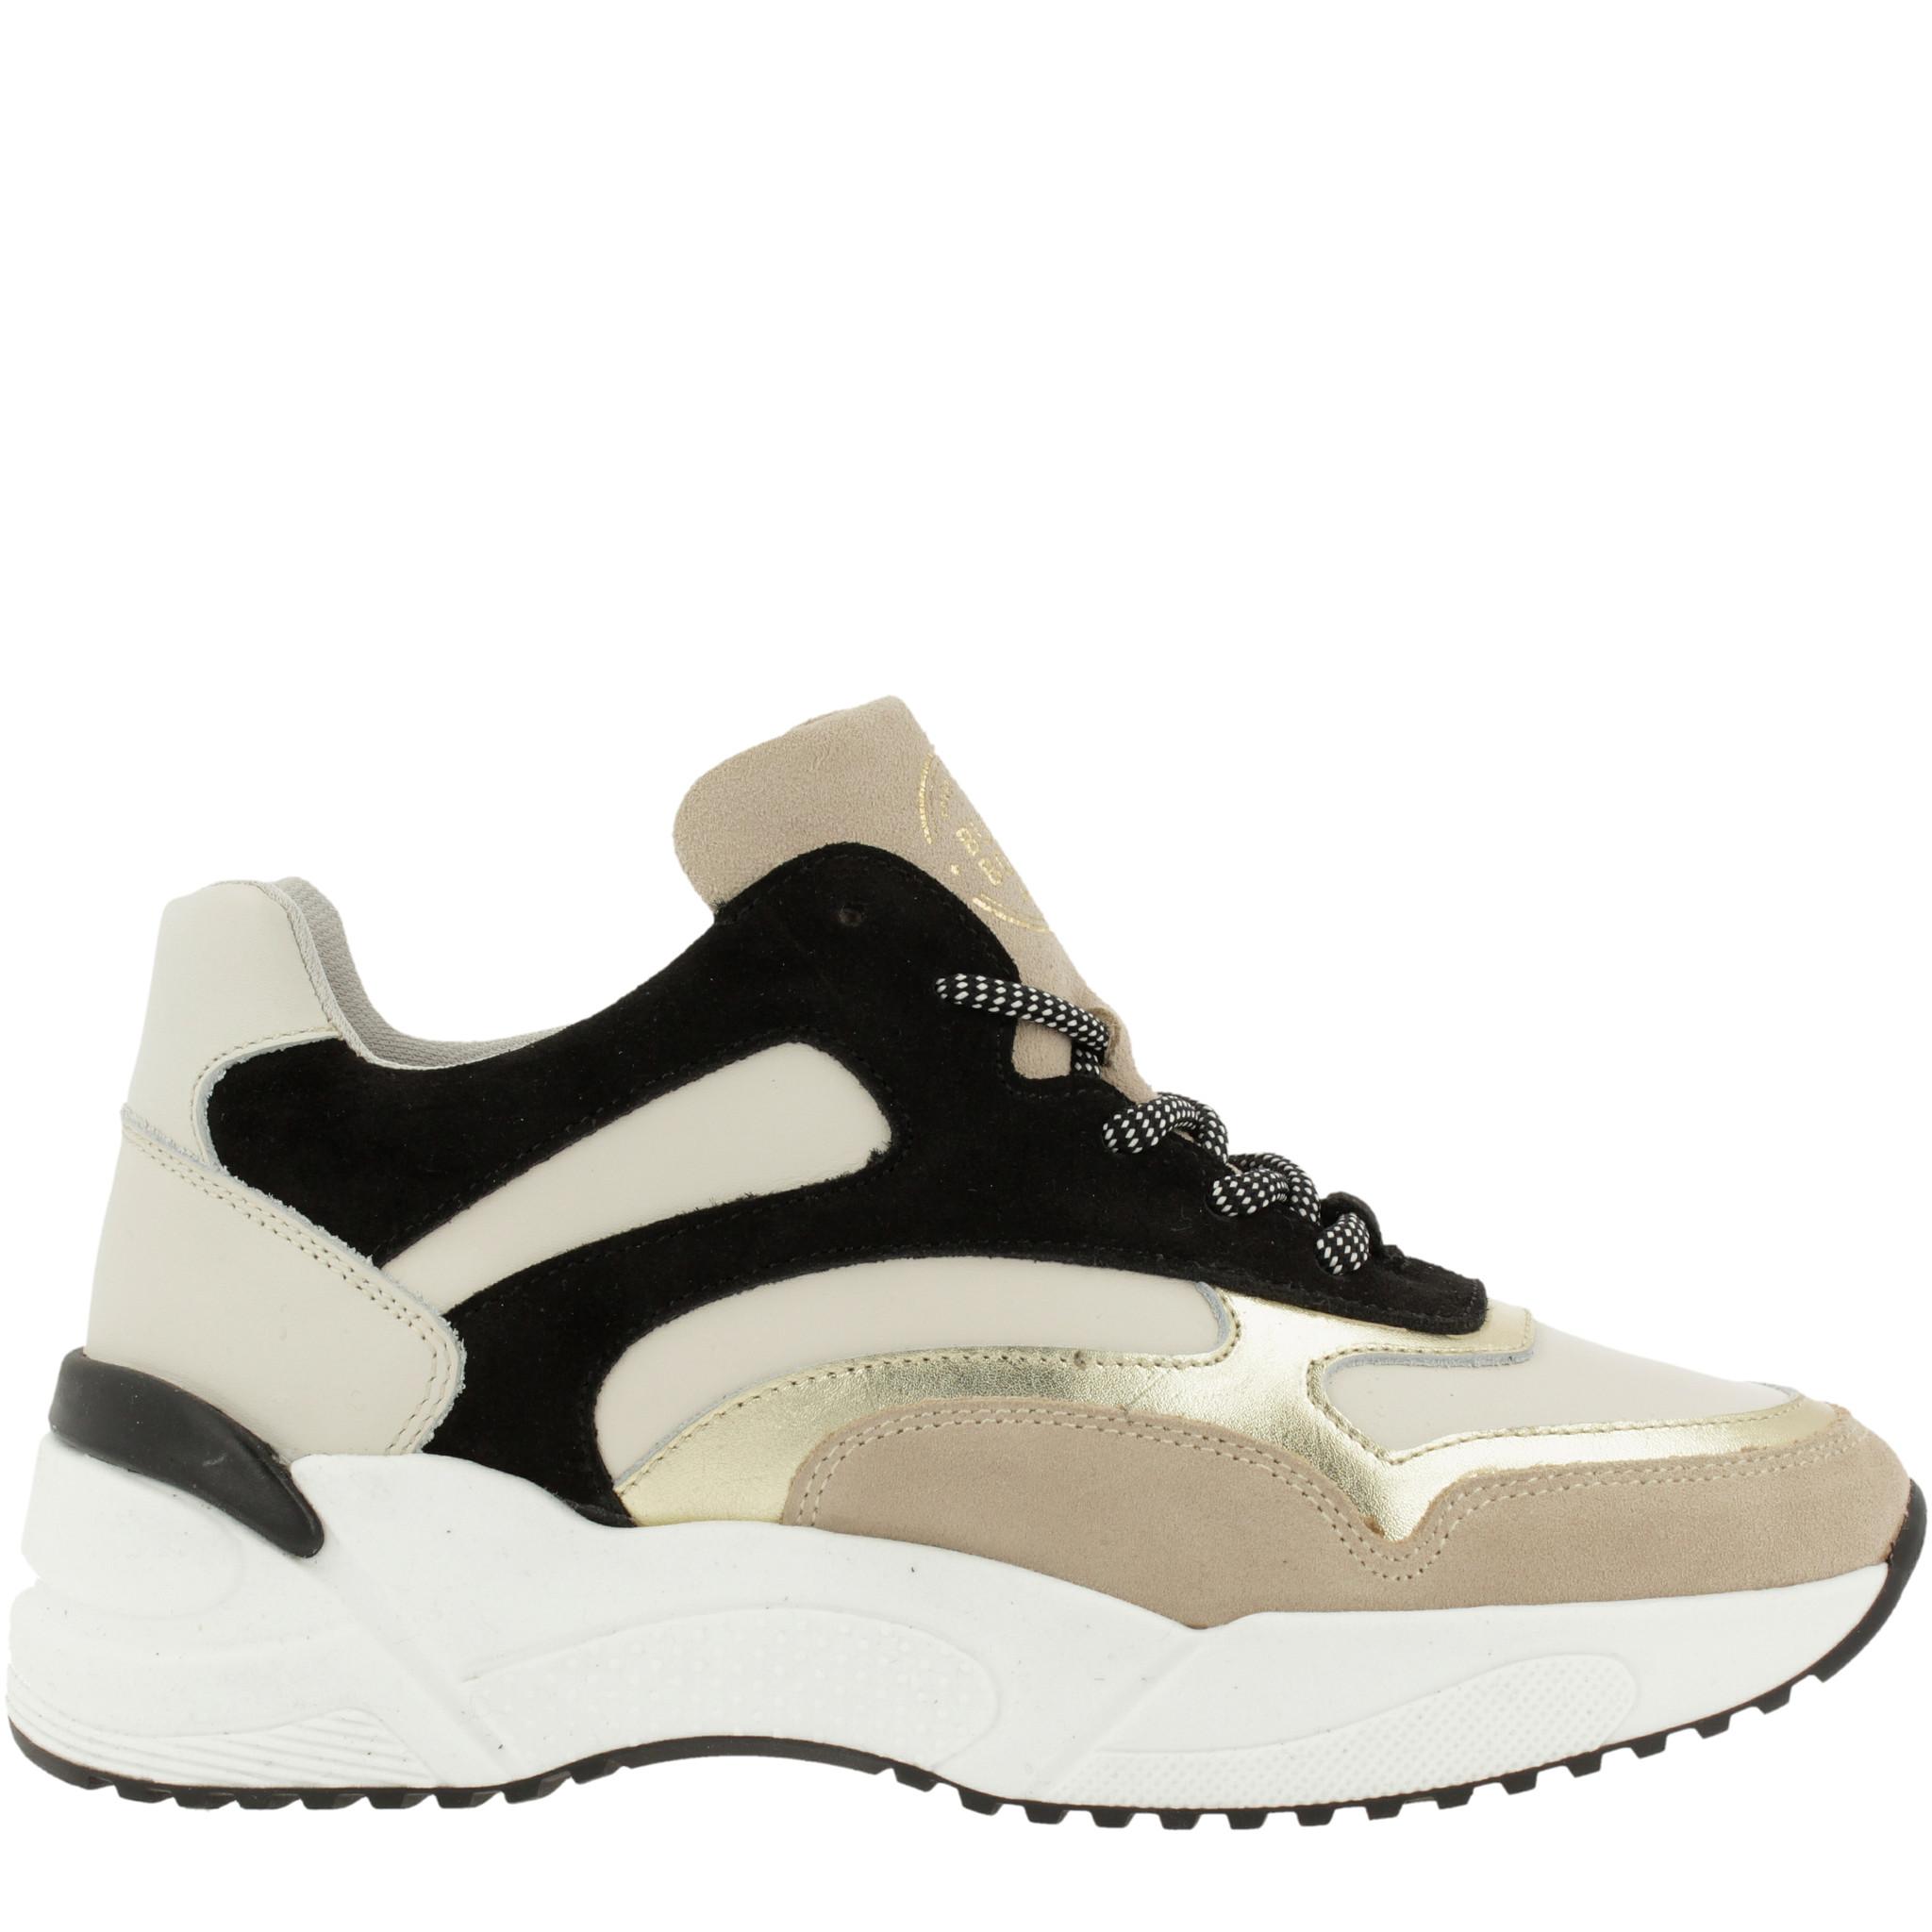 Bullboxer Sneaker Black Beige